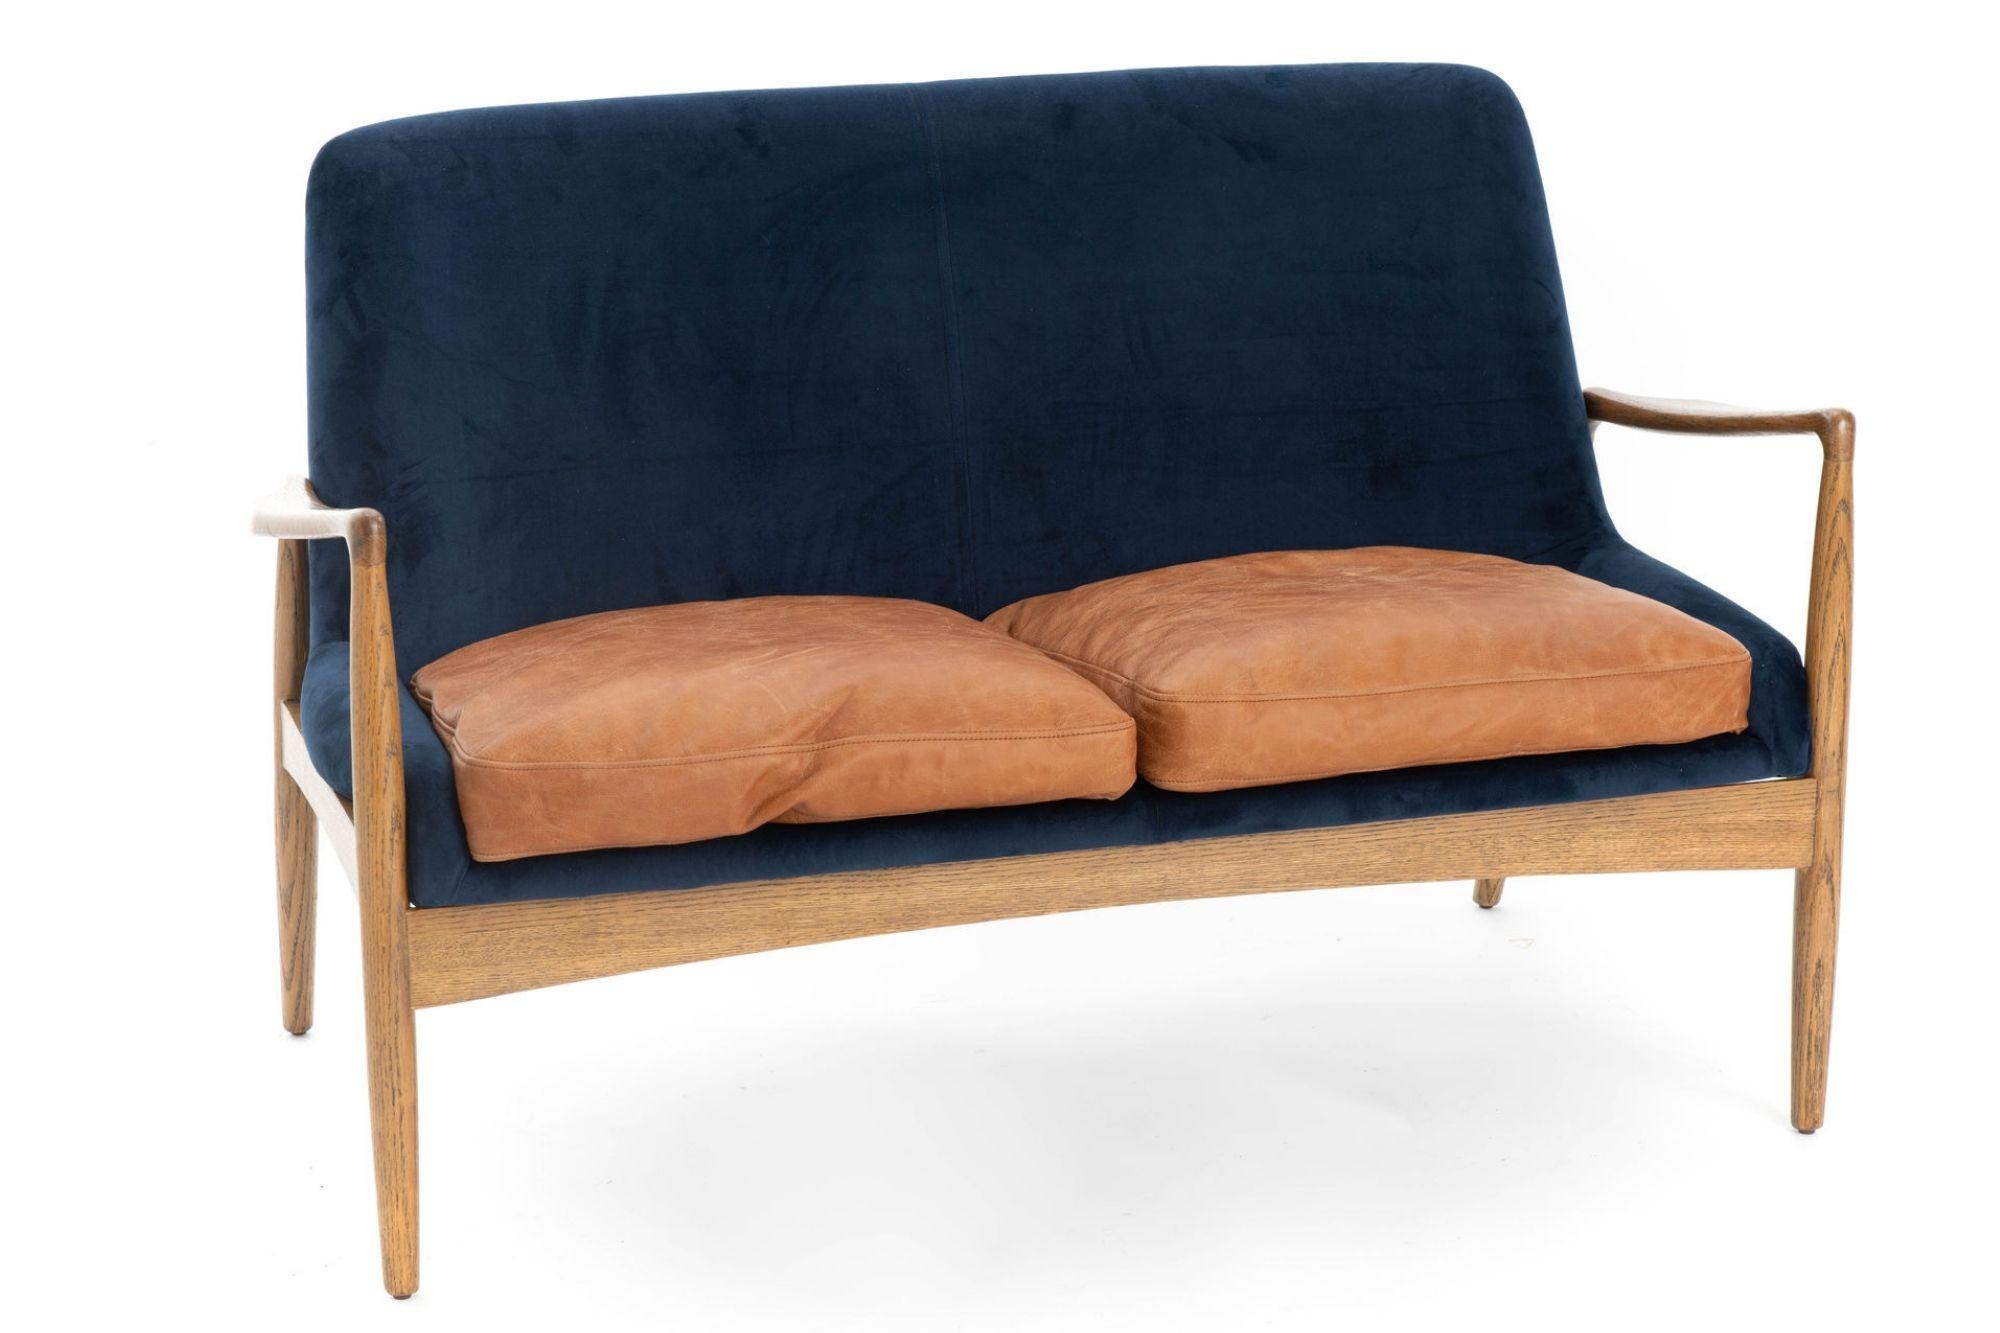 canapé deux places vintage en velours, cuir et bois